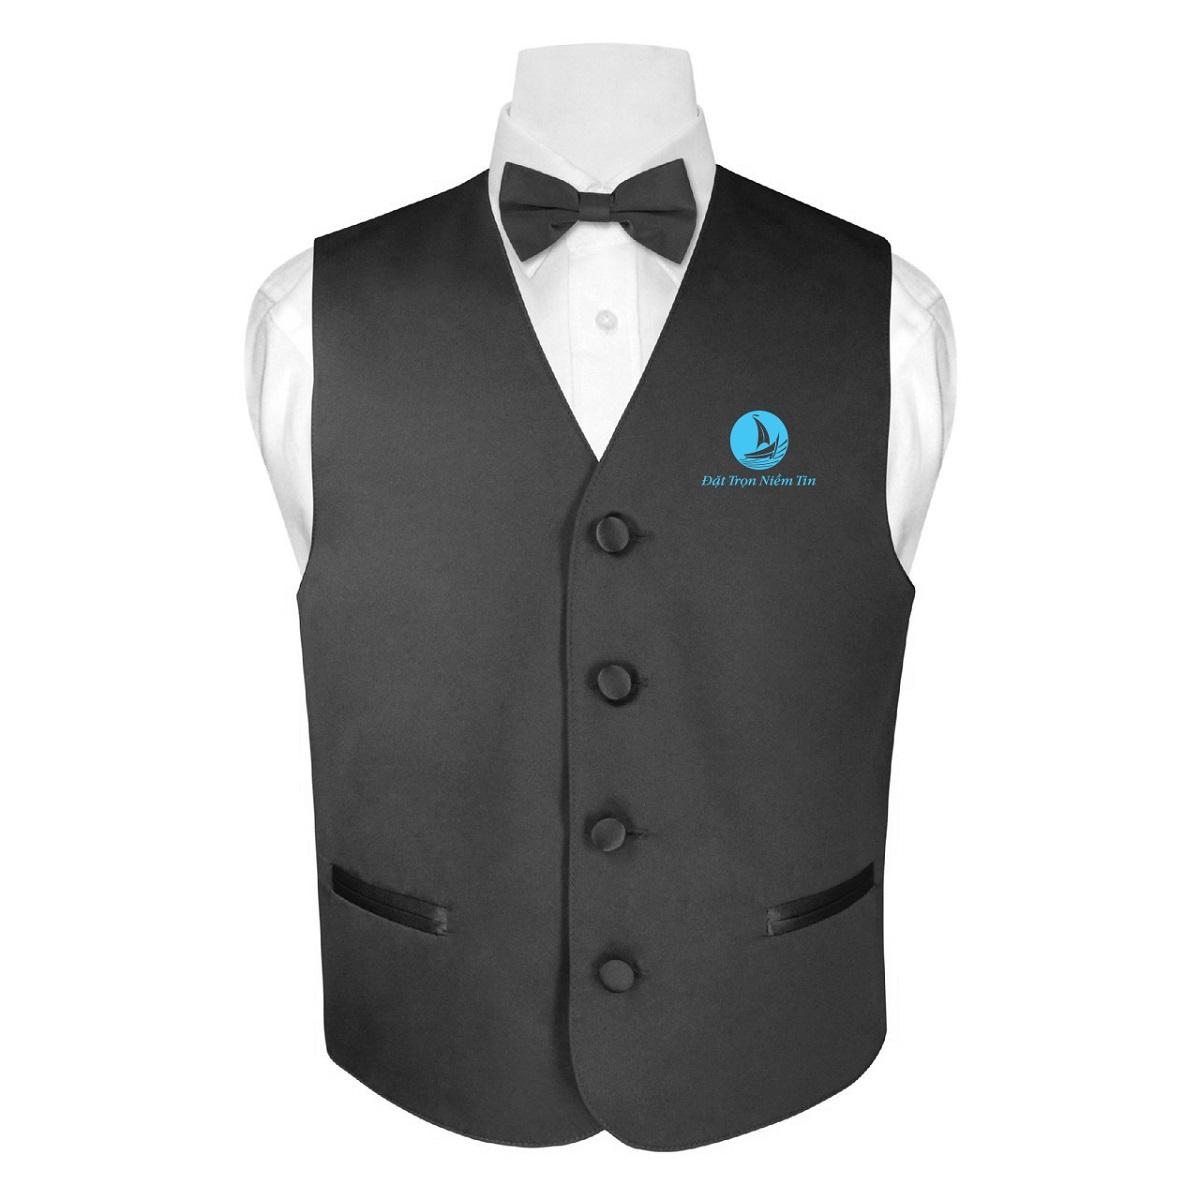 Bộ đồng phục gồm: áo sơ mi, áo gile và nơ cài ở cổ áo